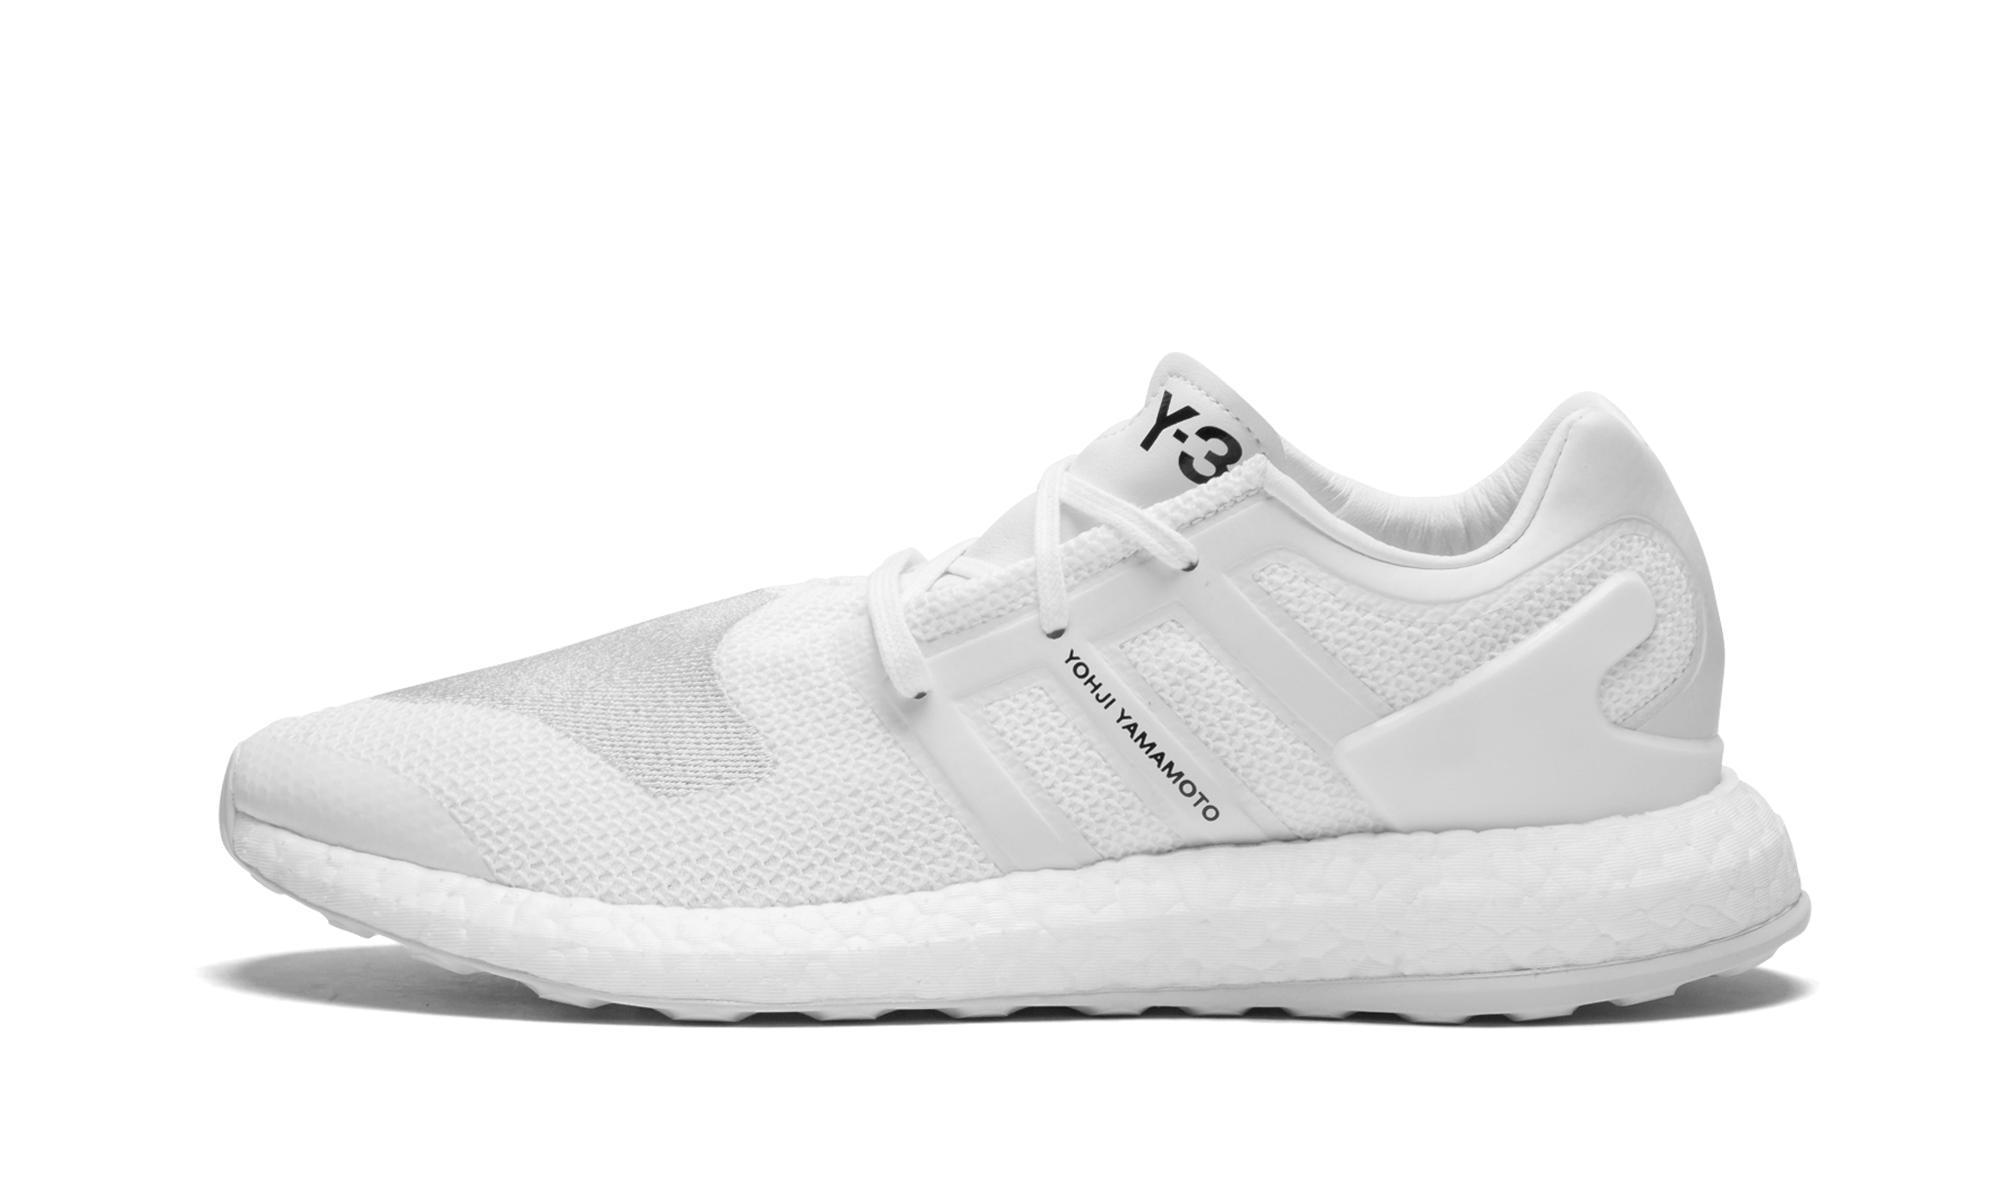 Lyst Adidas Y 3 Pureboost In Bianco Per Gli Uomini.